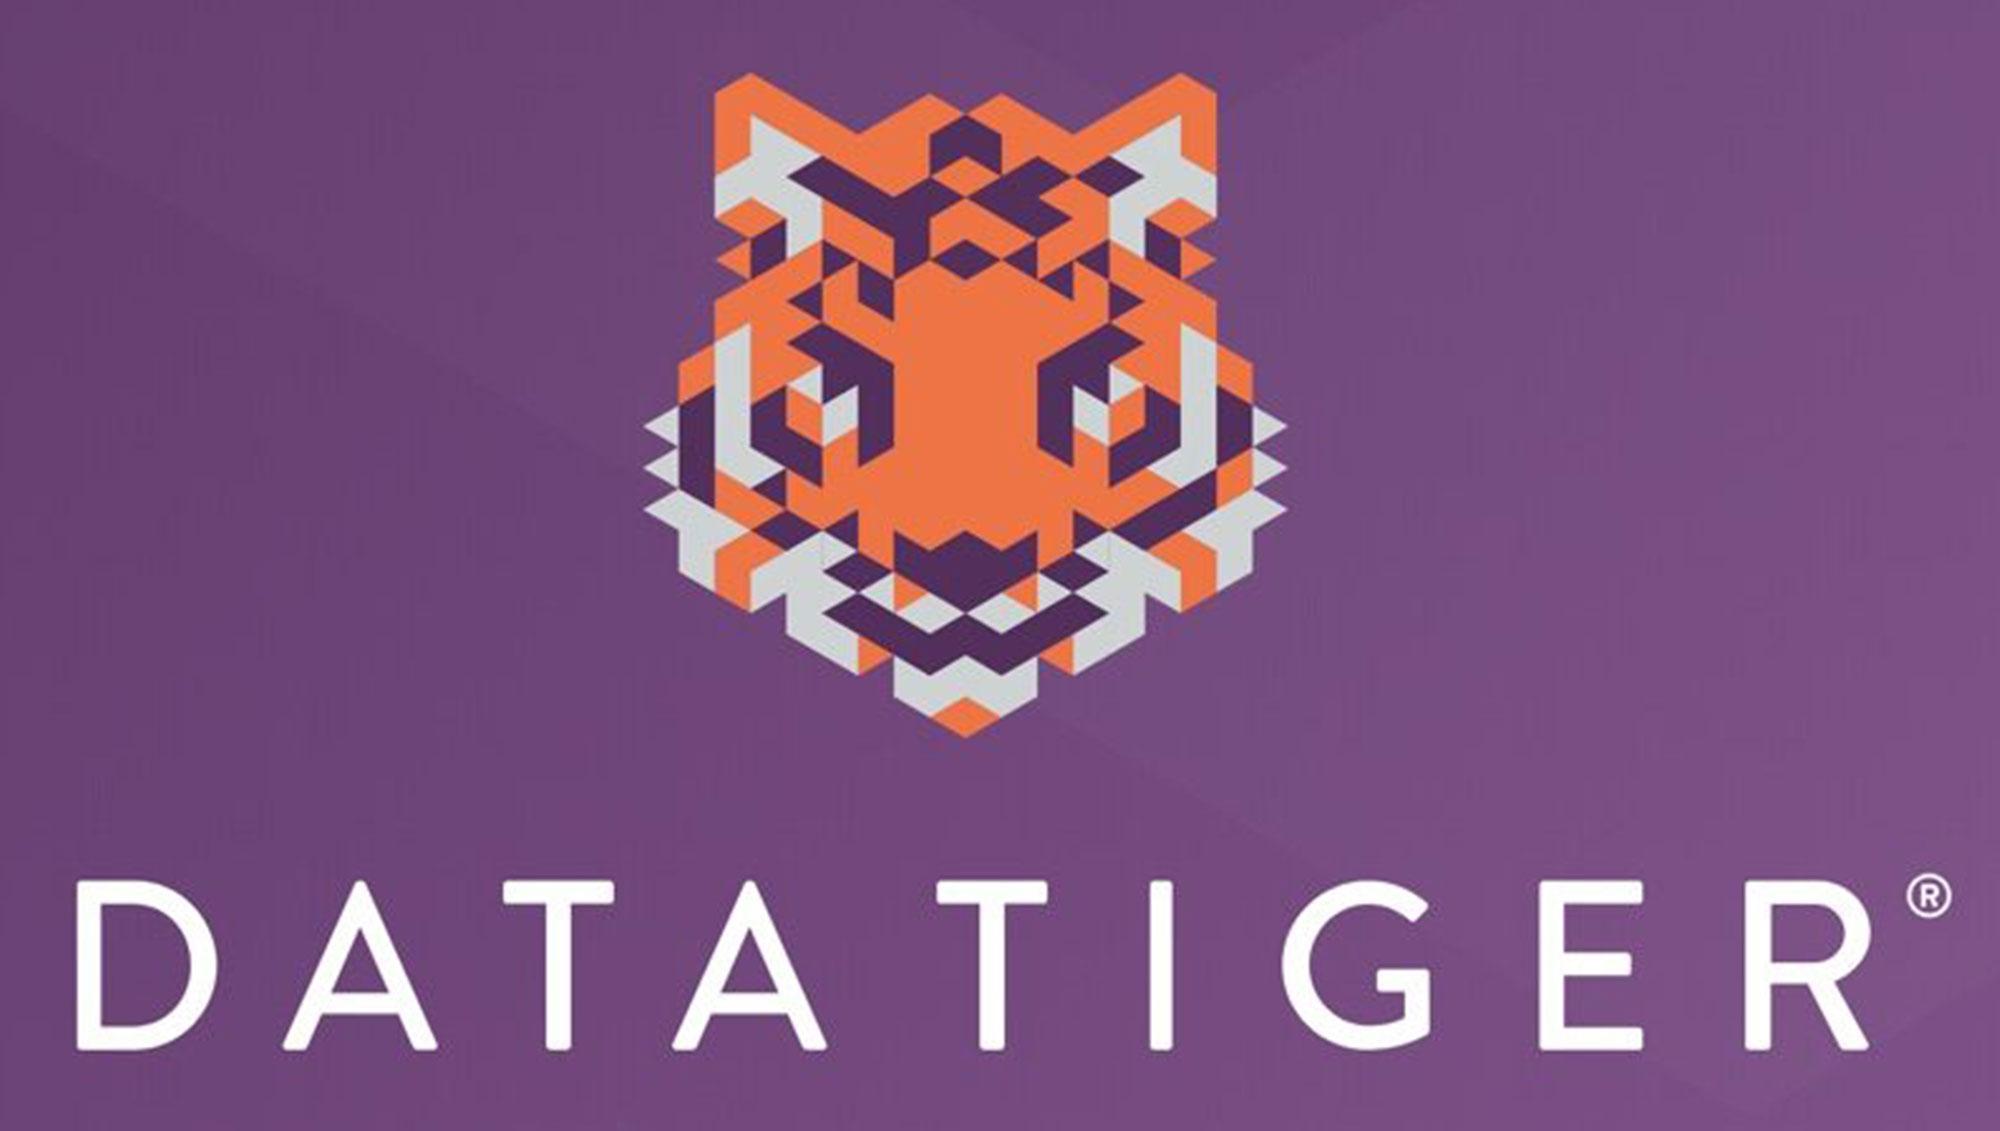 苹果已完成对英国初创公司 DataTiger 收购事项